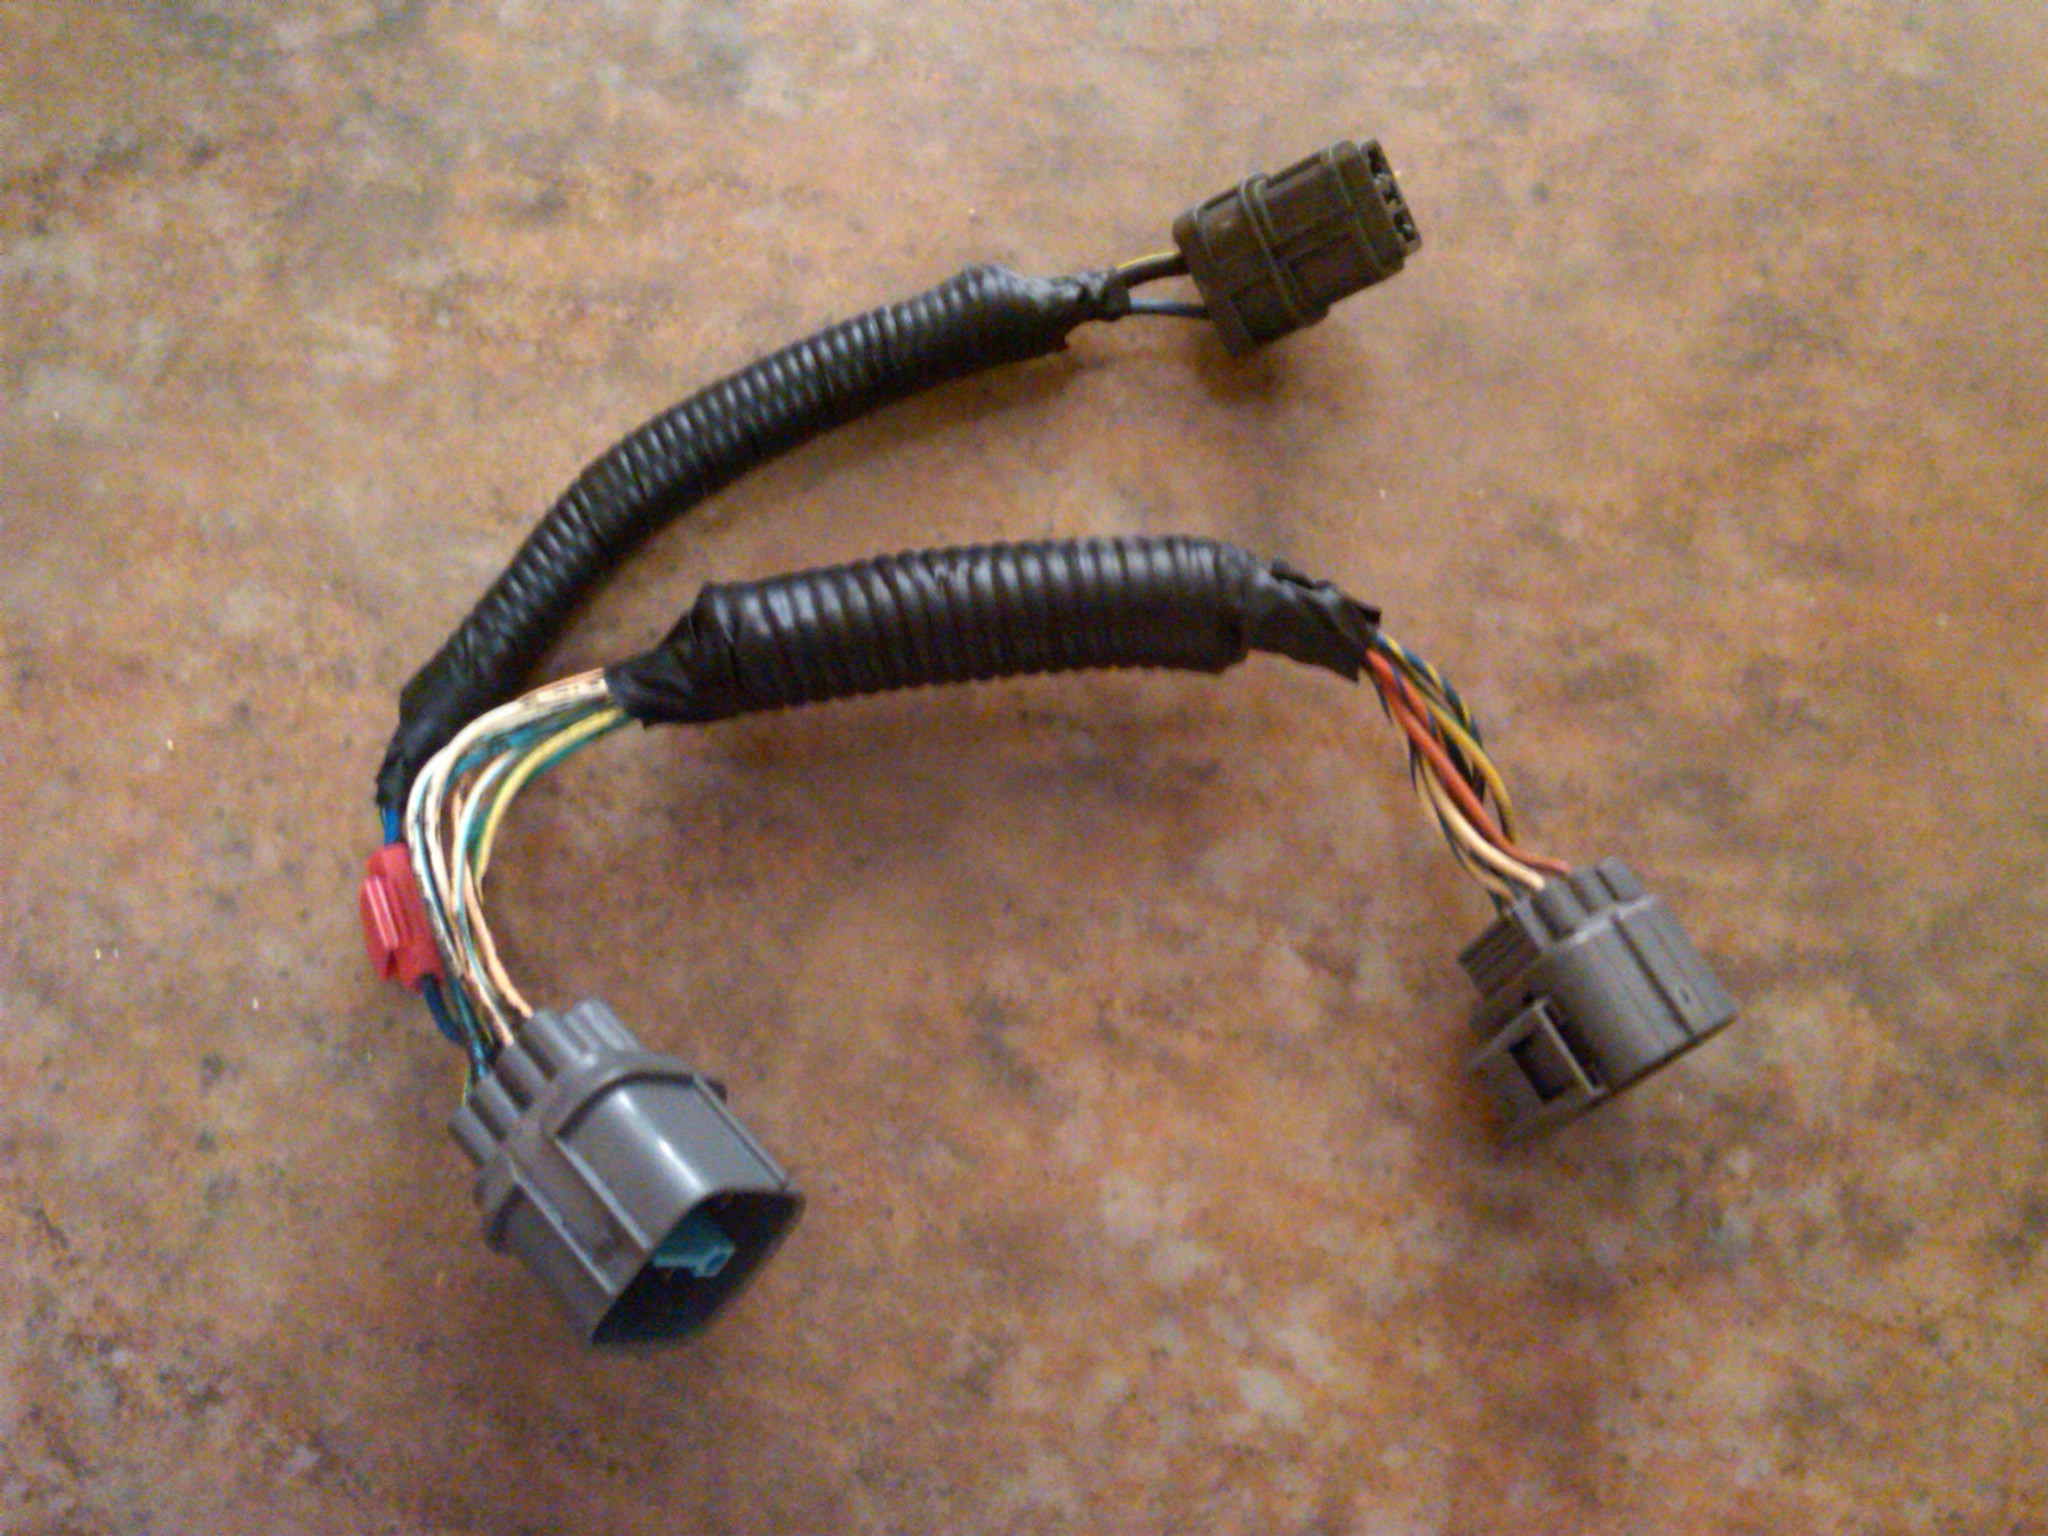 Obd2a To Obd1 Wiring Diagram 360 Headset Honda Obd2 Harness Distributor Conversion D Seriesorg Attachment 145601 Harnesshtml